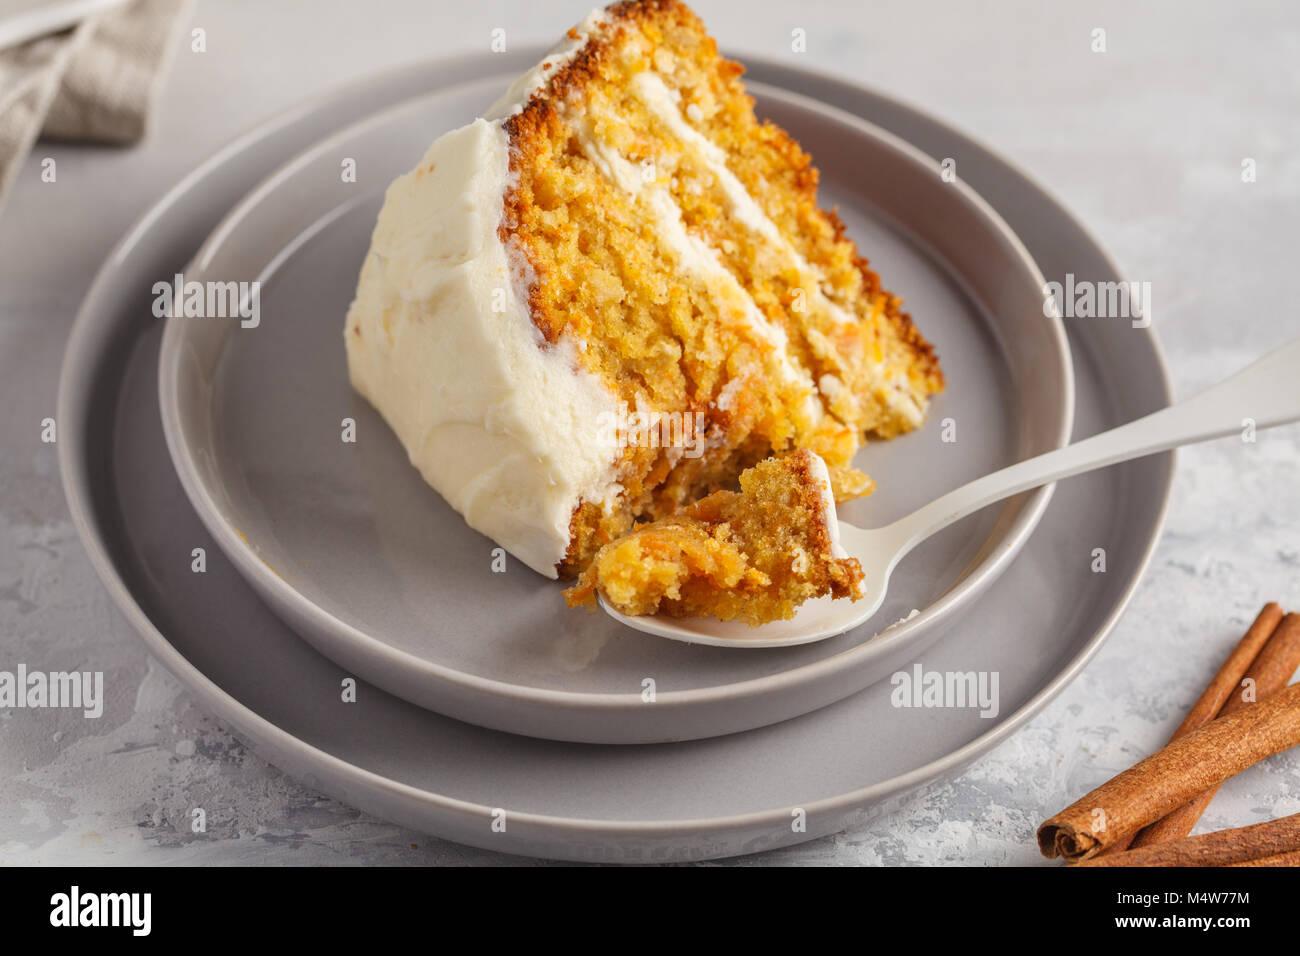 Morceau de carotte gâteau fait maison avec crème blanche sur fond gris. Dessert de fête concept. Photo Stock